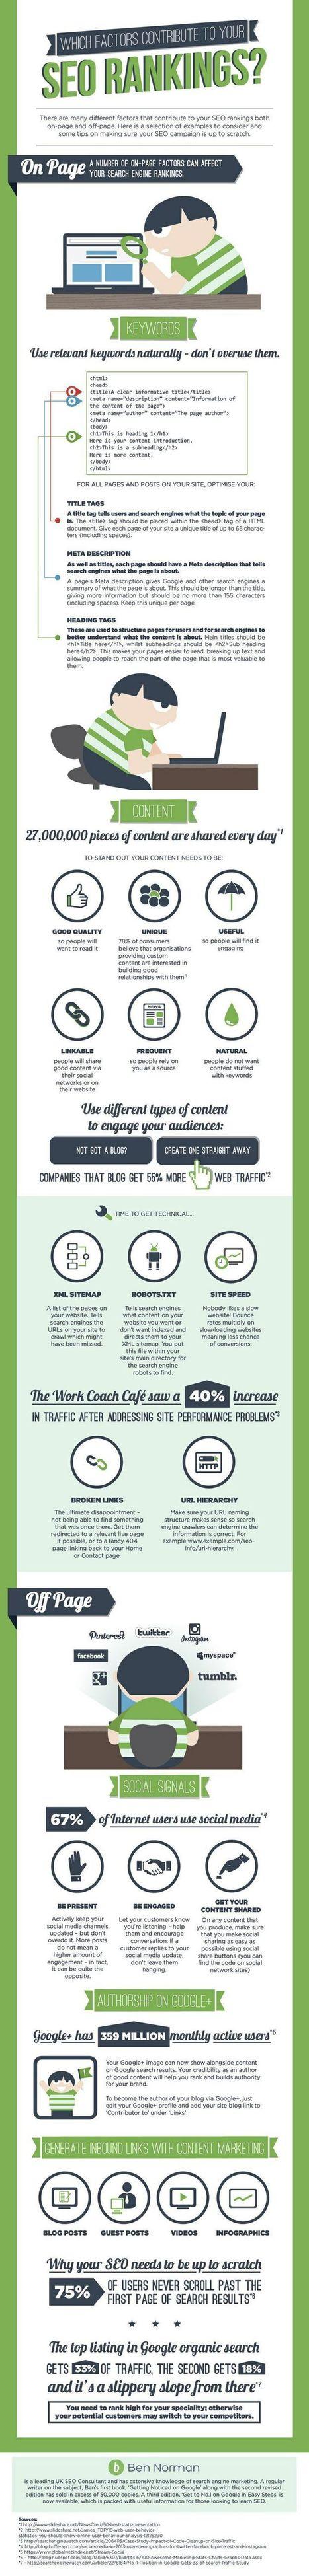 SEO : 21 facteurs qui influencent le référencement de votre site web (infographie) | Time to Learn | Scoop.it